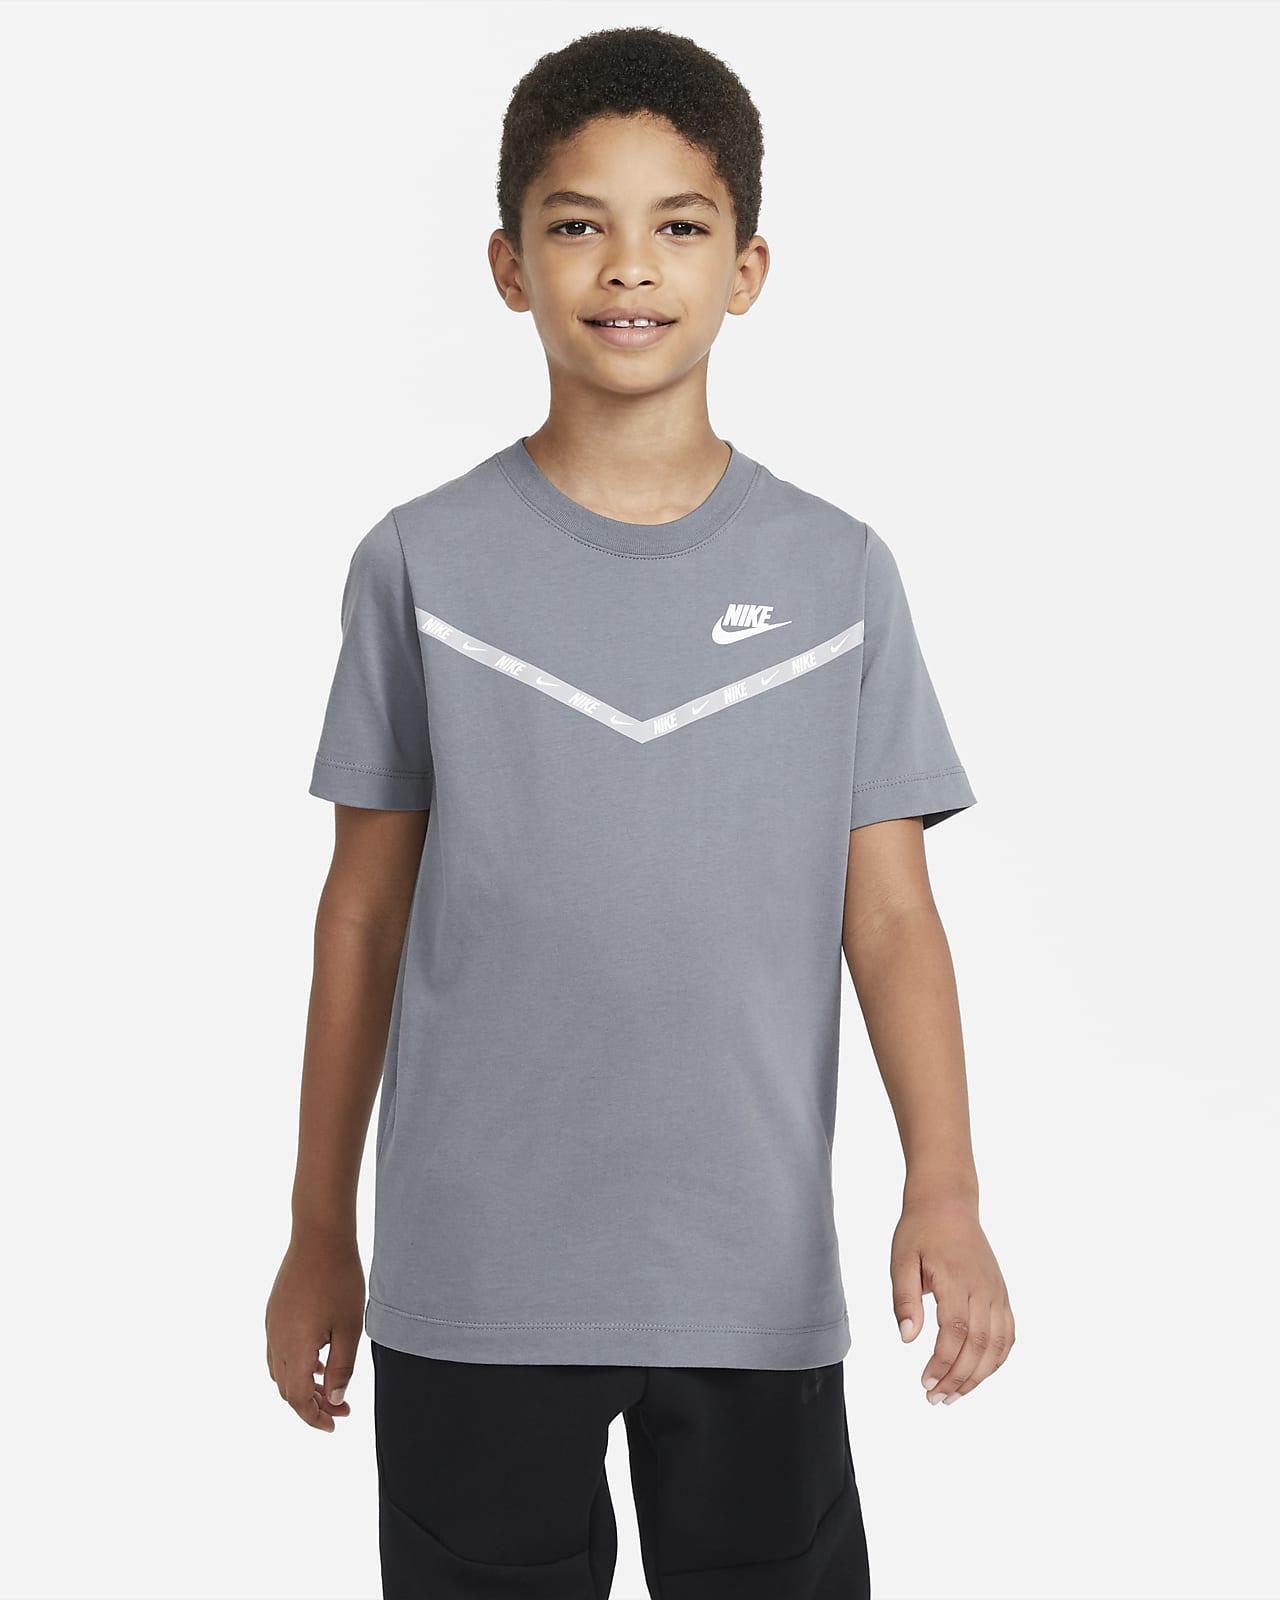 Nike Sportswear T-Shirt für ältere Kinder (Jungen)